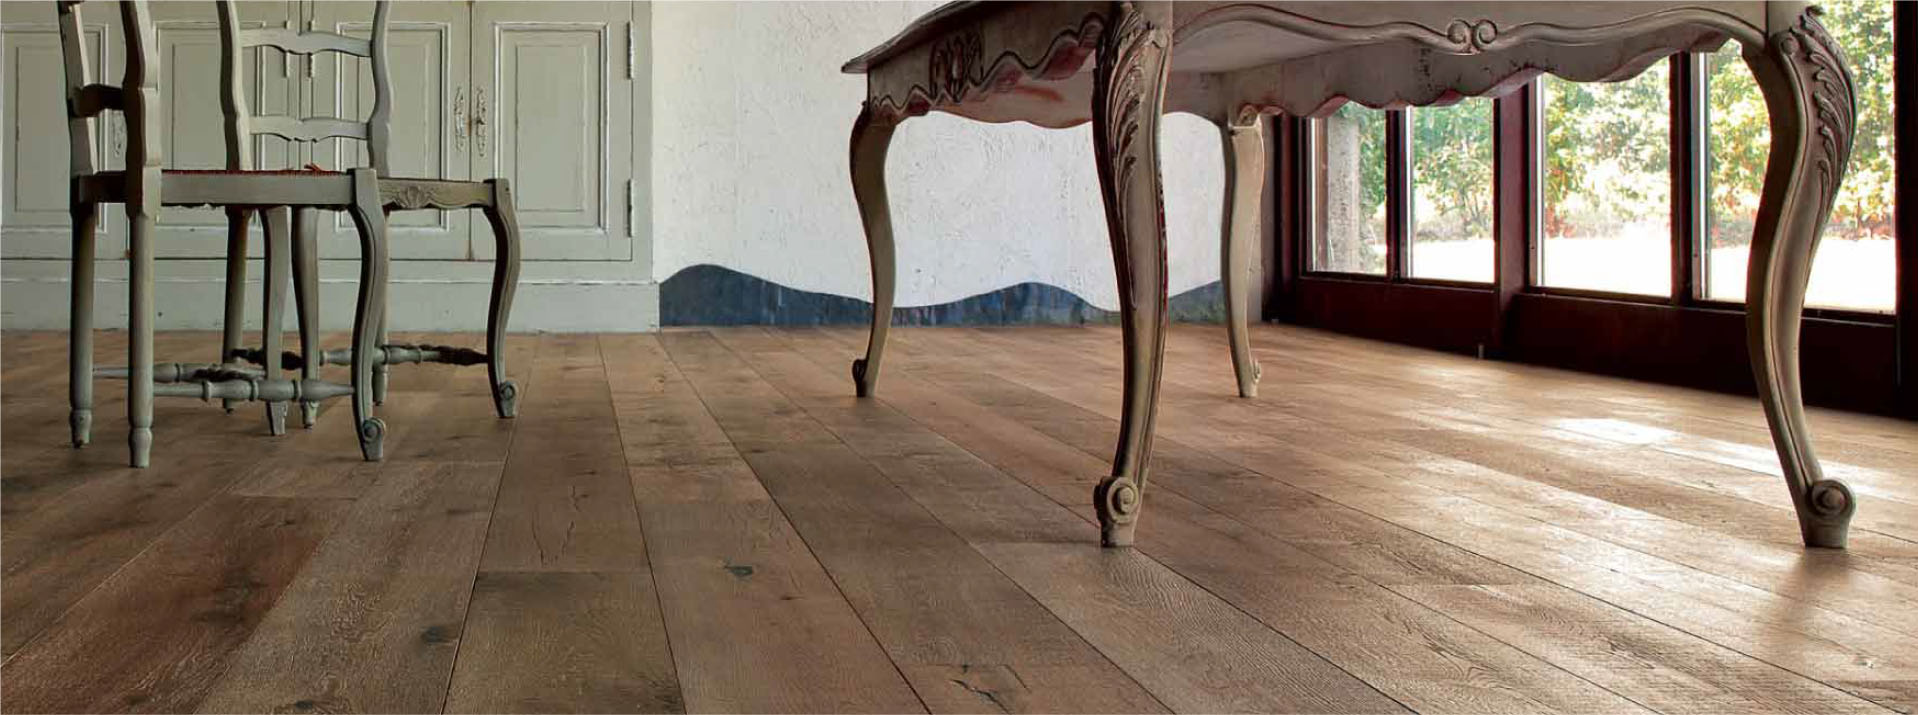 Restauro Pavimenti in legno antichi a Milano  Pavinlegno